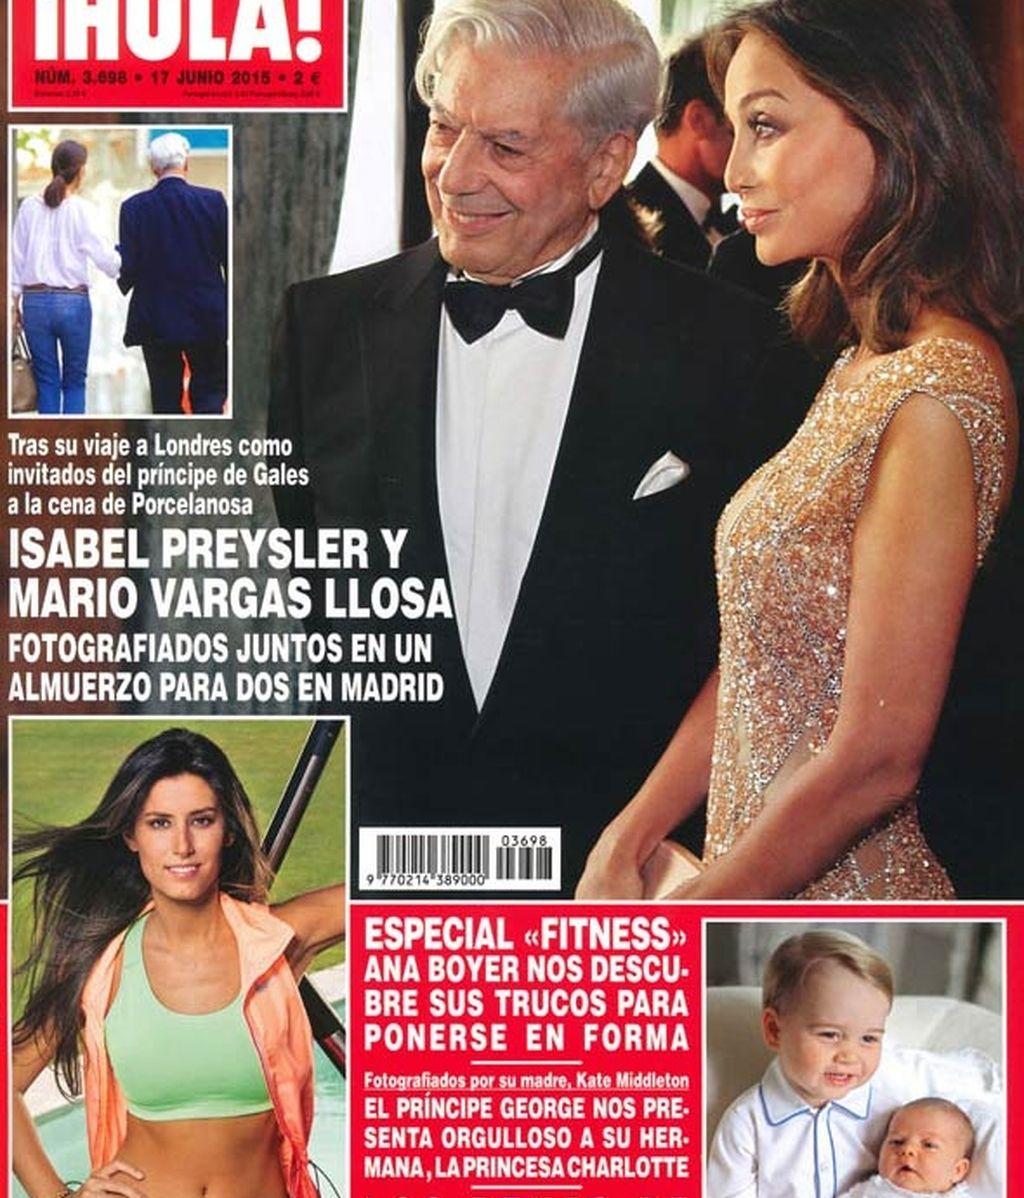 Isabel Preysler y Mario Vargas Llosa, portada de Hola